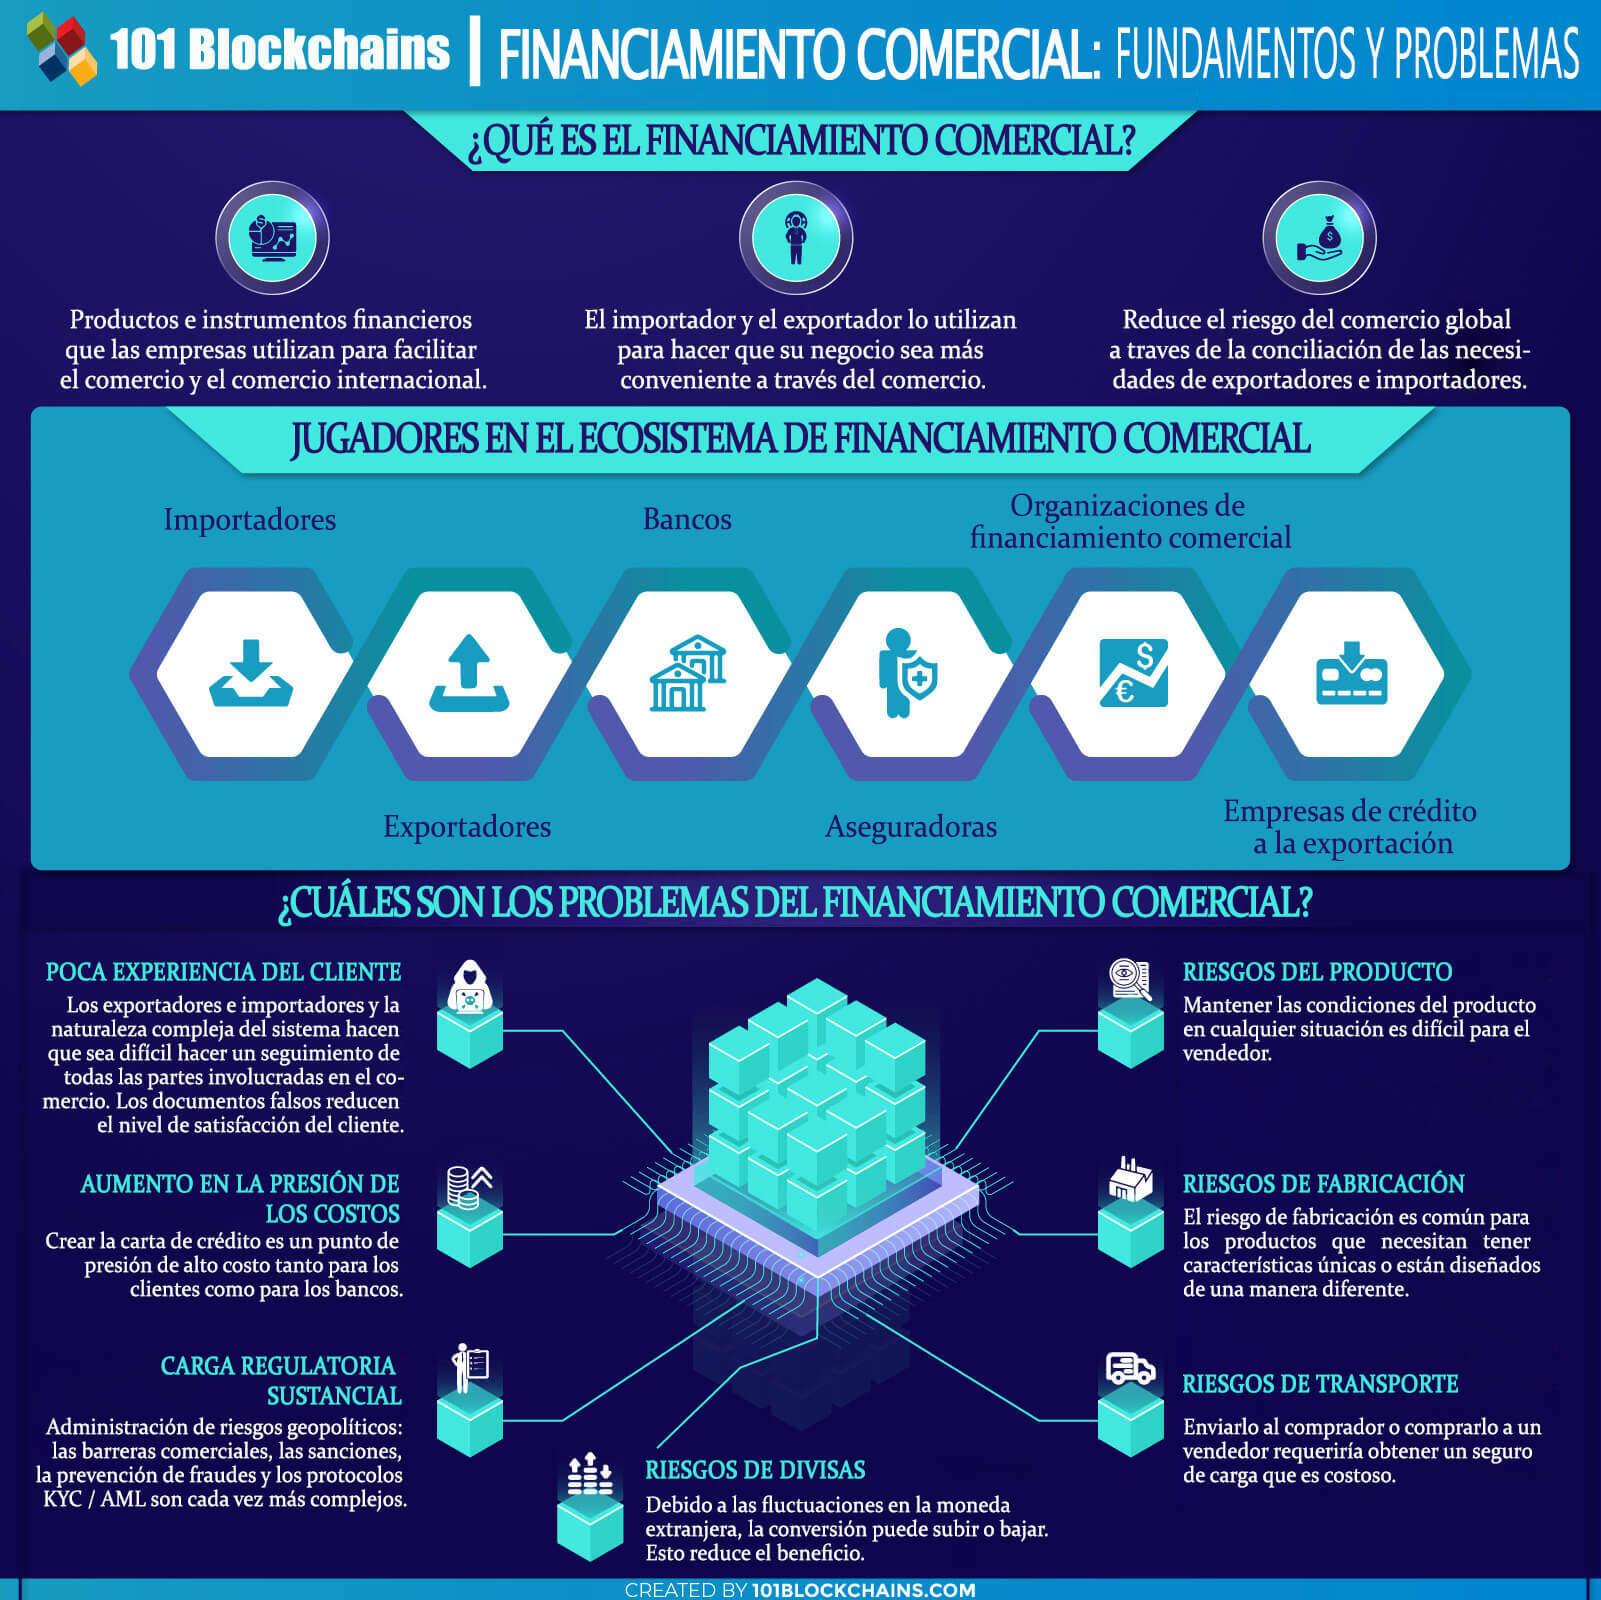 FINANCIAMIENTO COMERCIAL FUNDAMENTOS Y PROBLEMAS